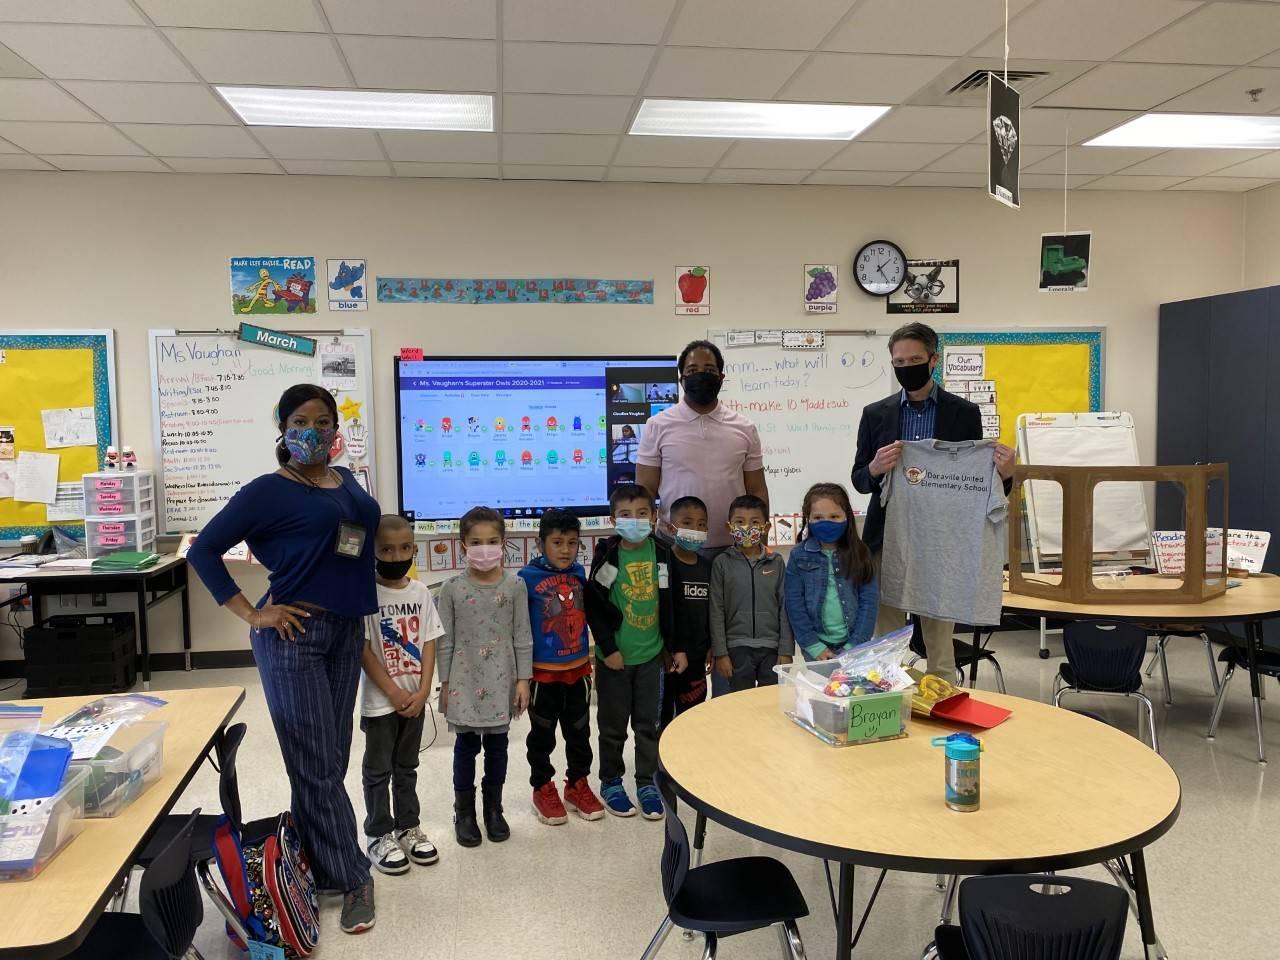 Mayor visits Kindergarten classroom